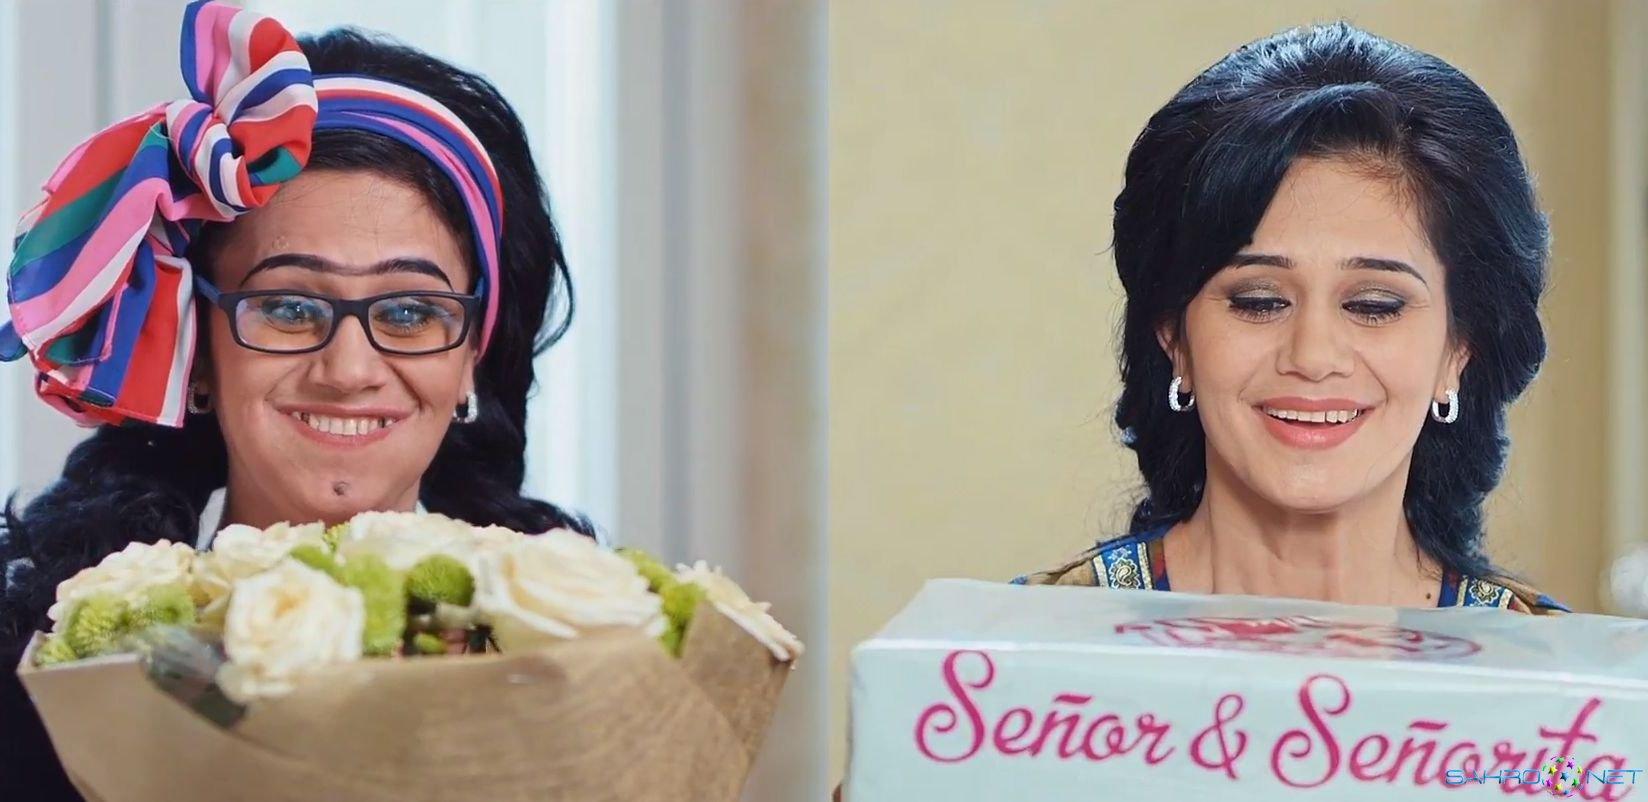 Senor & Senorita - 8 Mart reklama